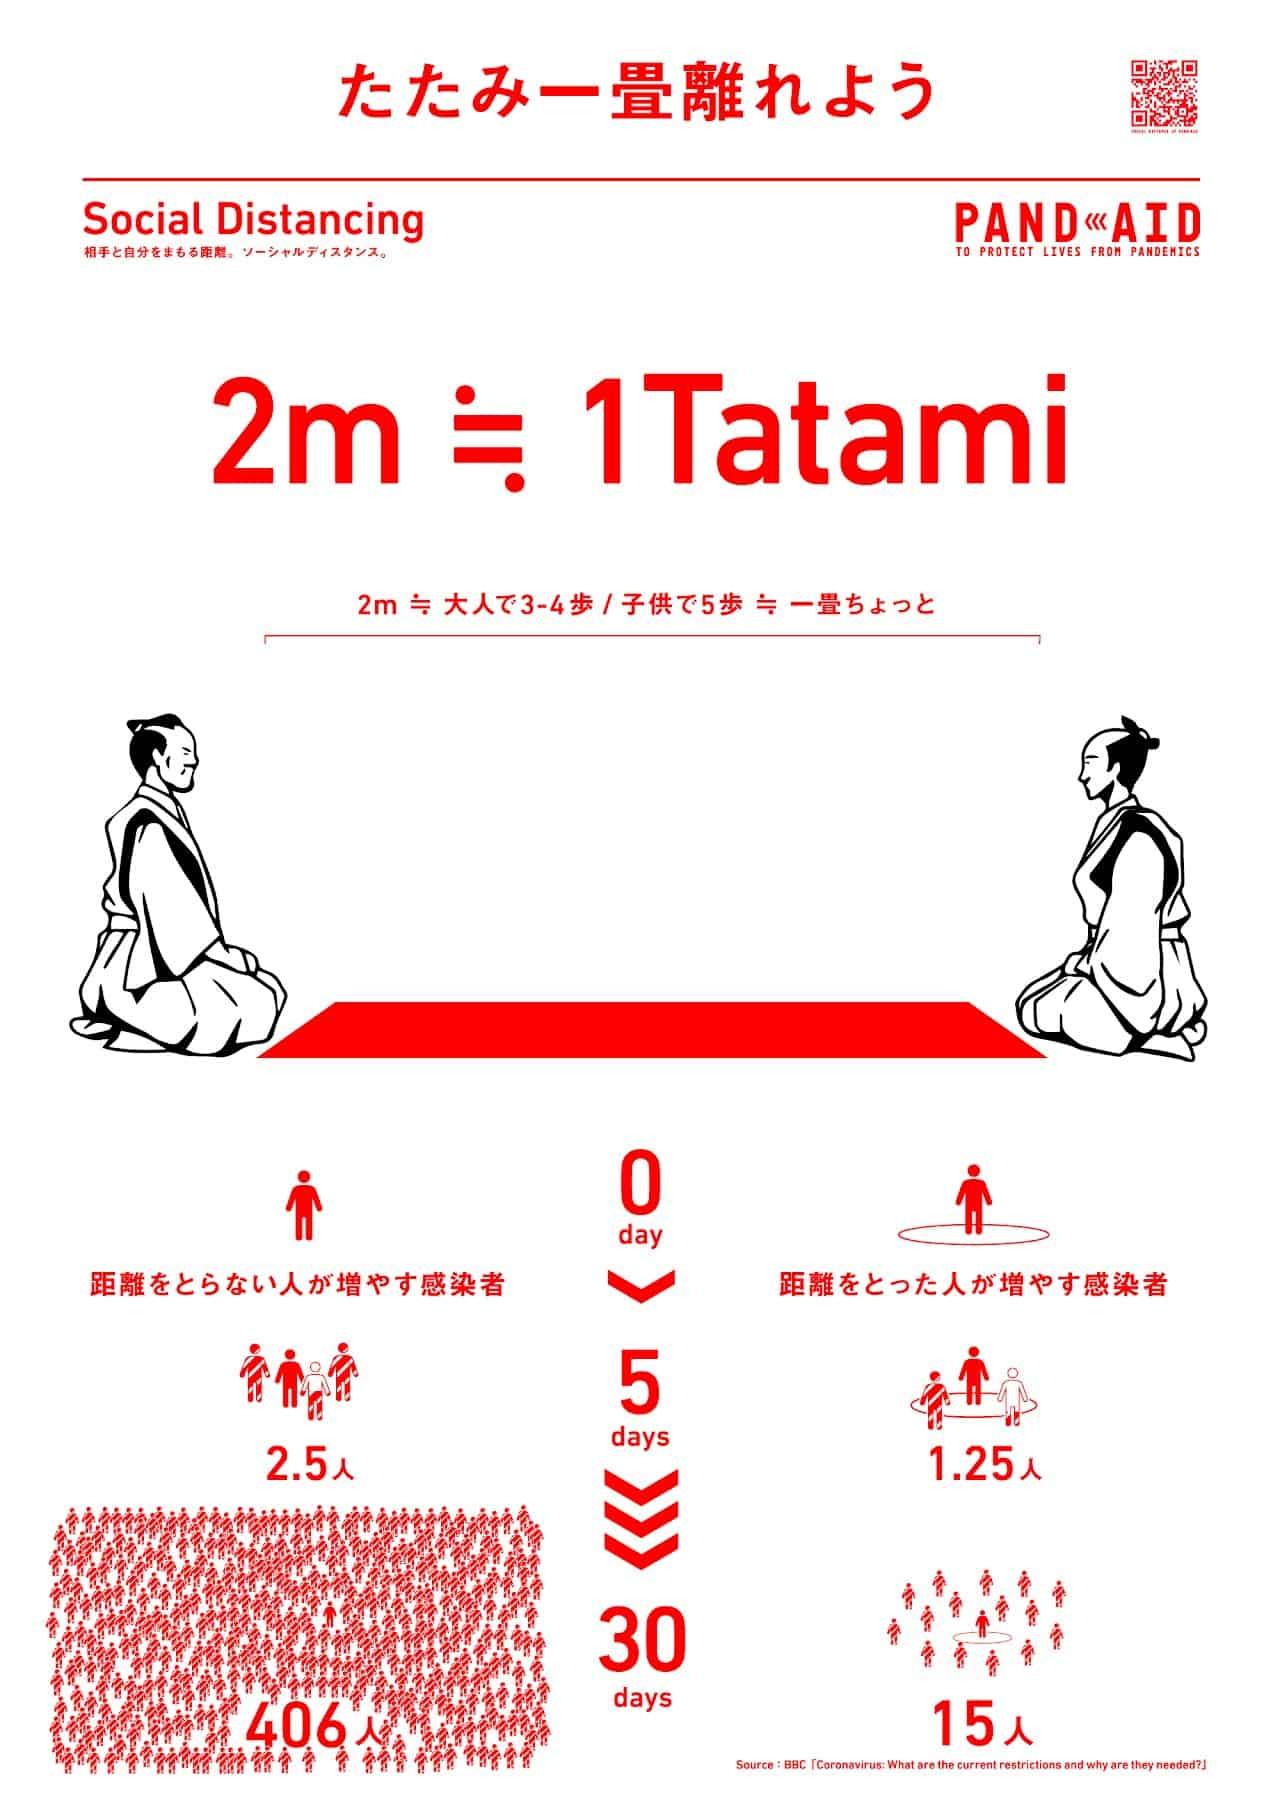 PANDAID : 2 เมตร = ระยะห่างของหนึ่งผืนเสื่อทาทามิ